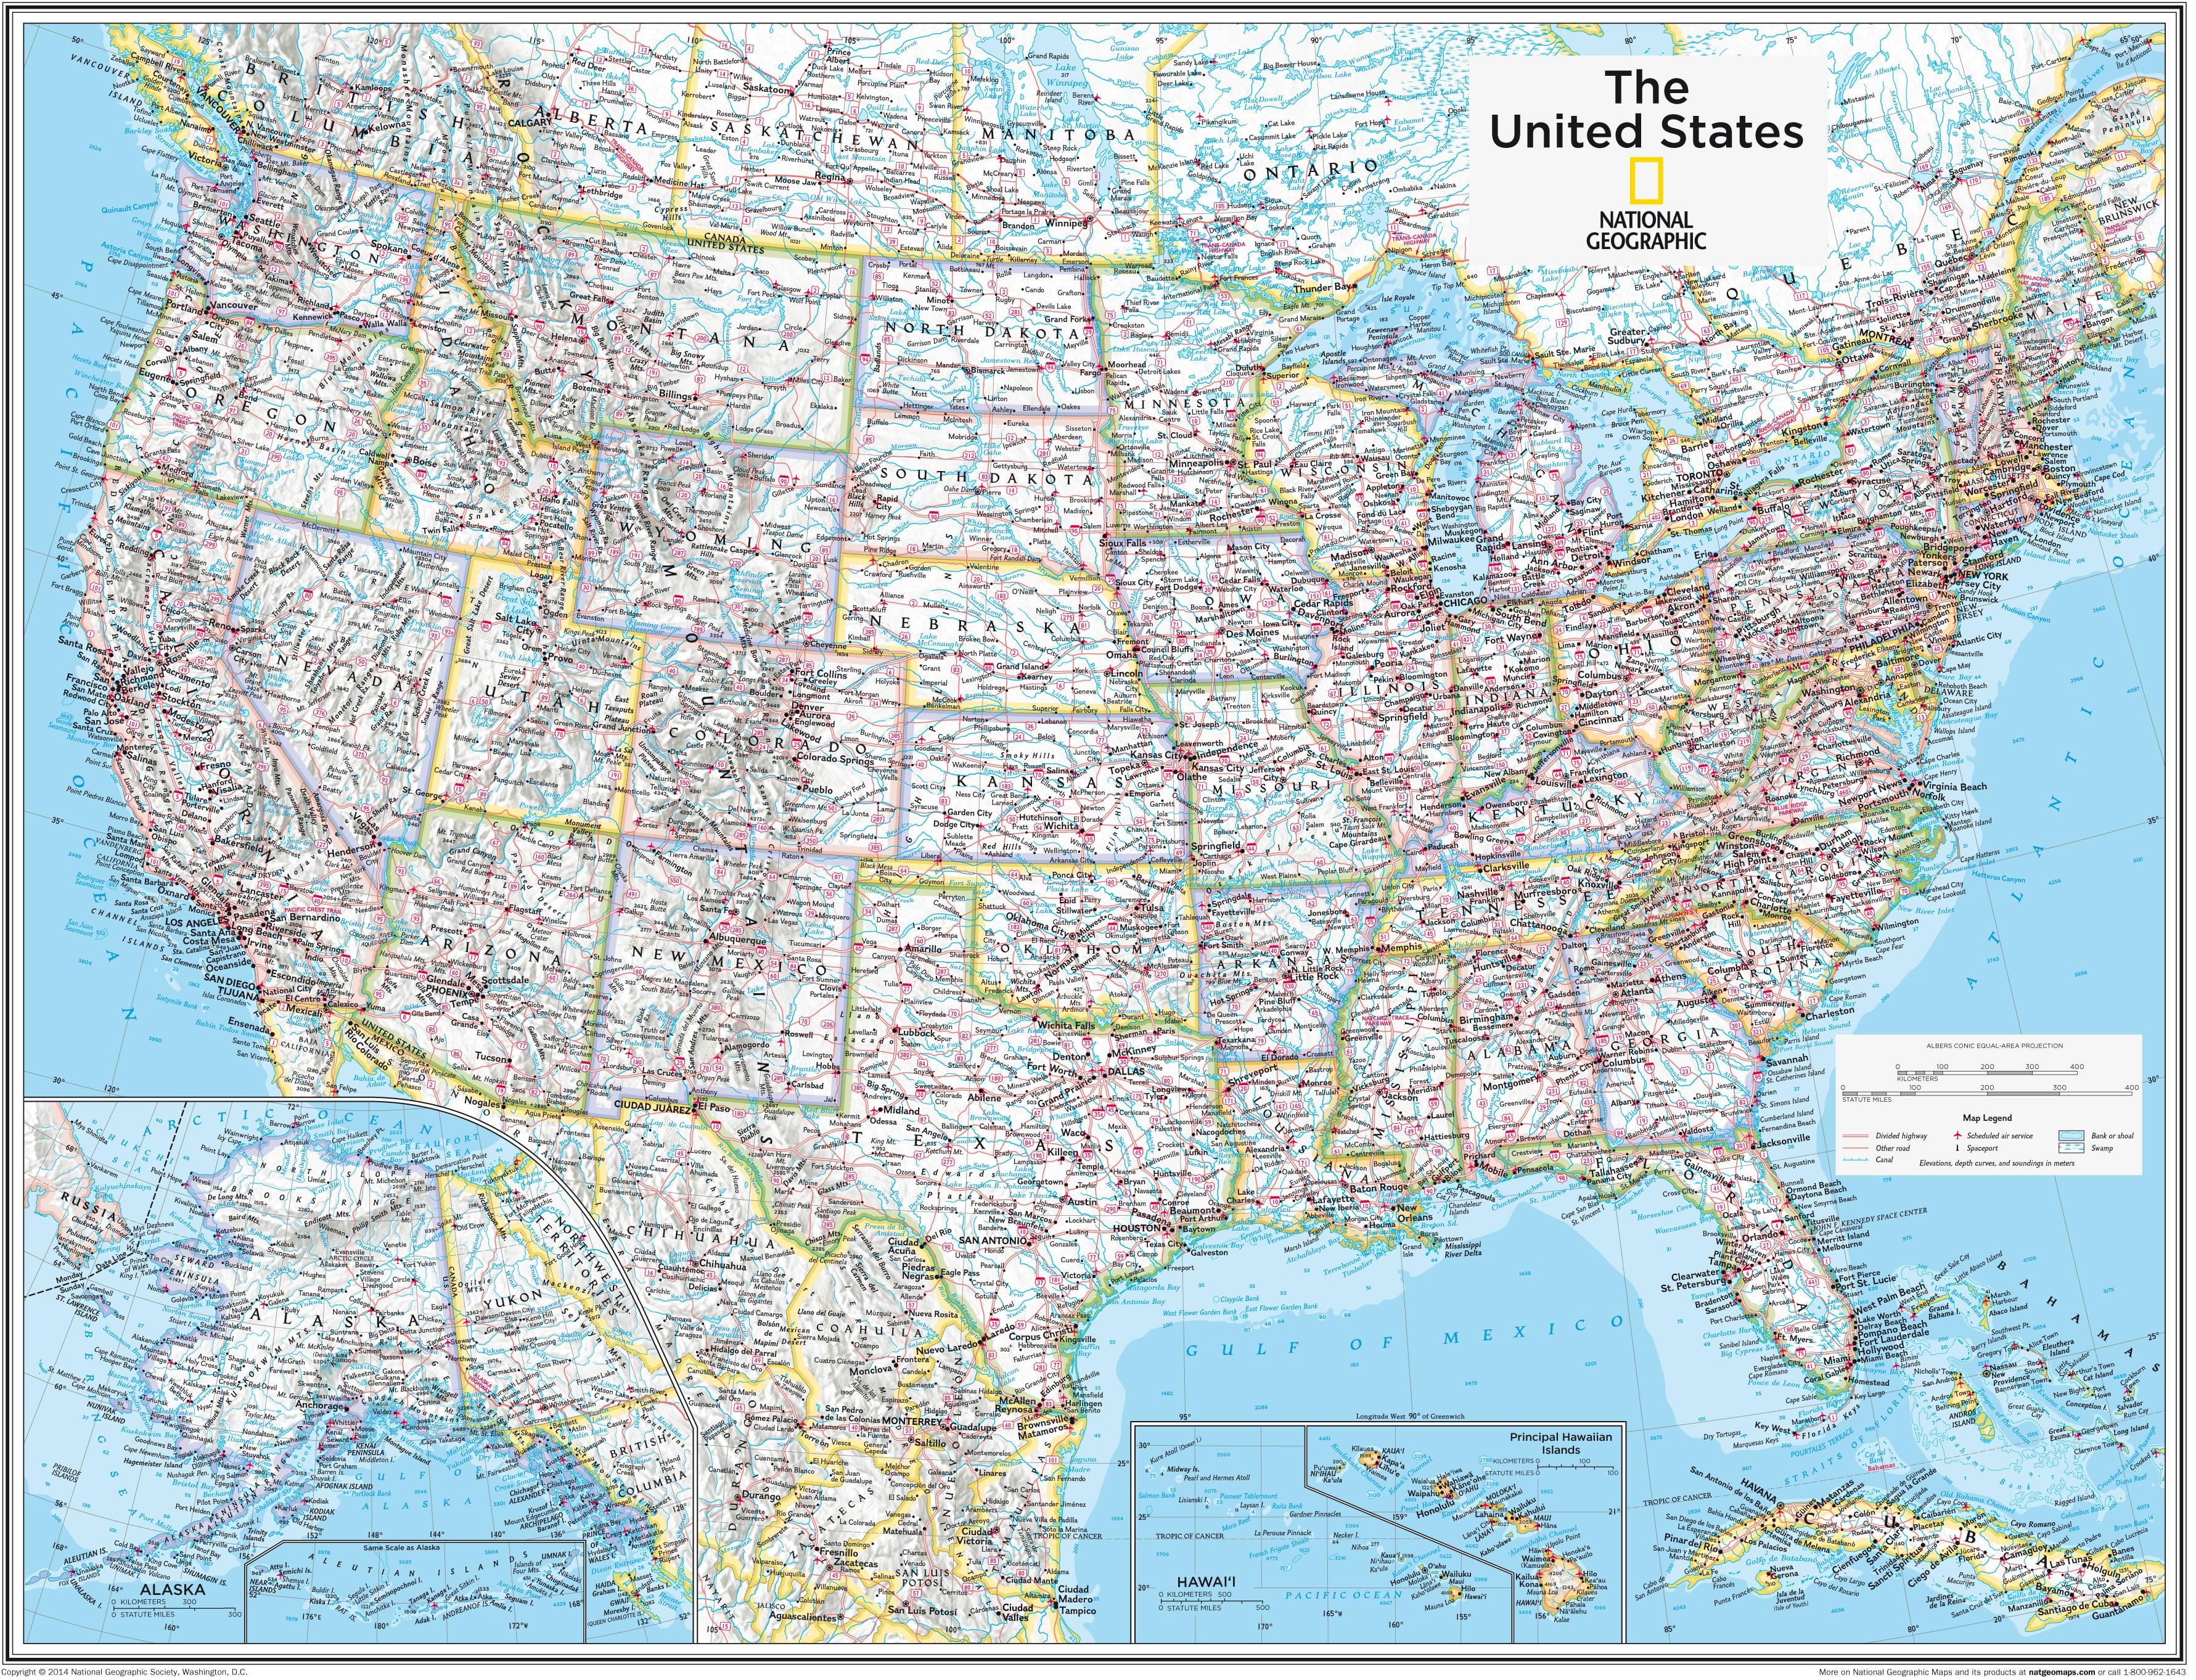 Vereinigte Staaten USA 91 x 73cm